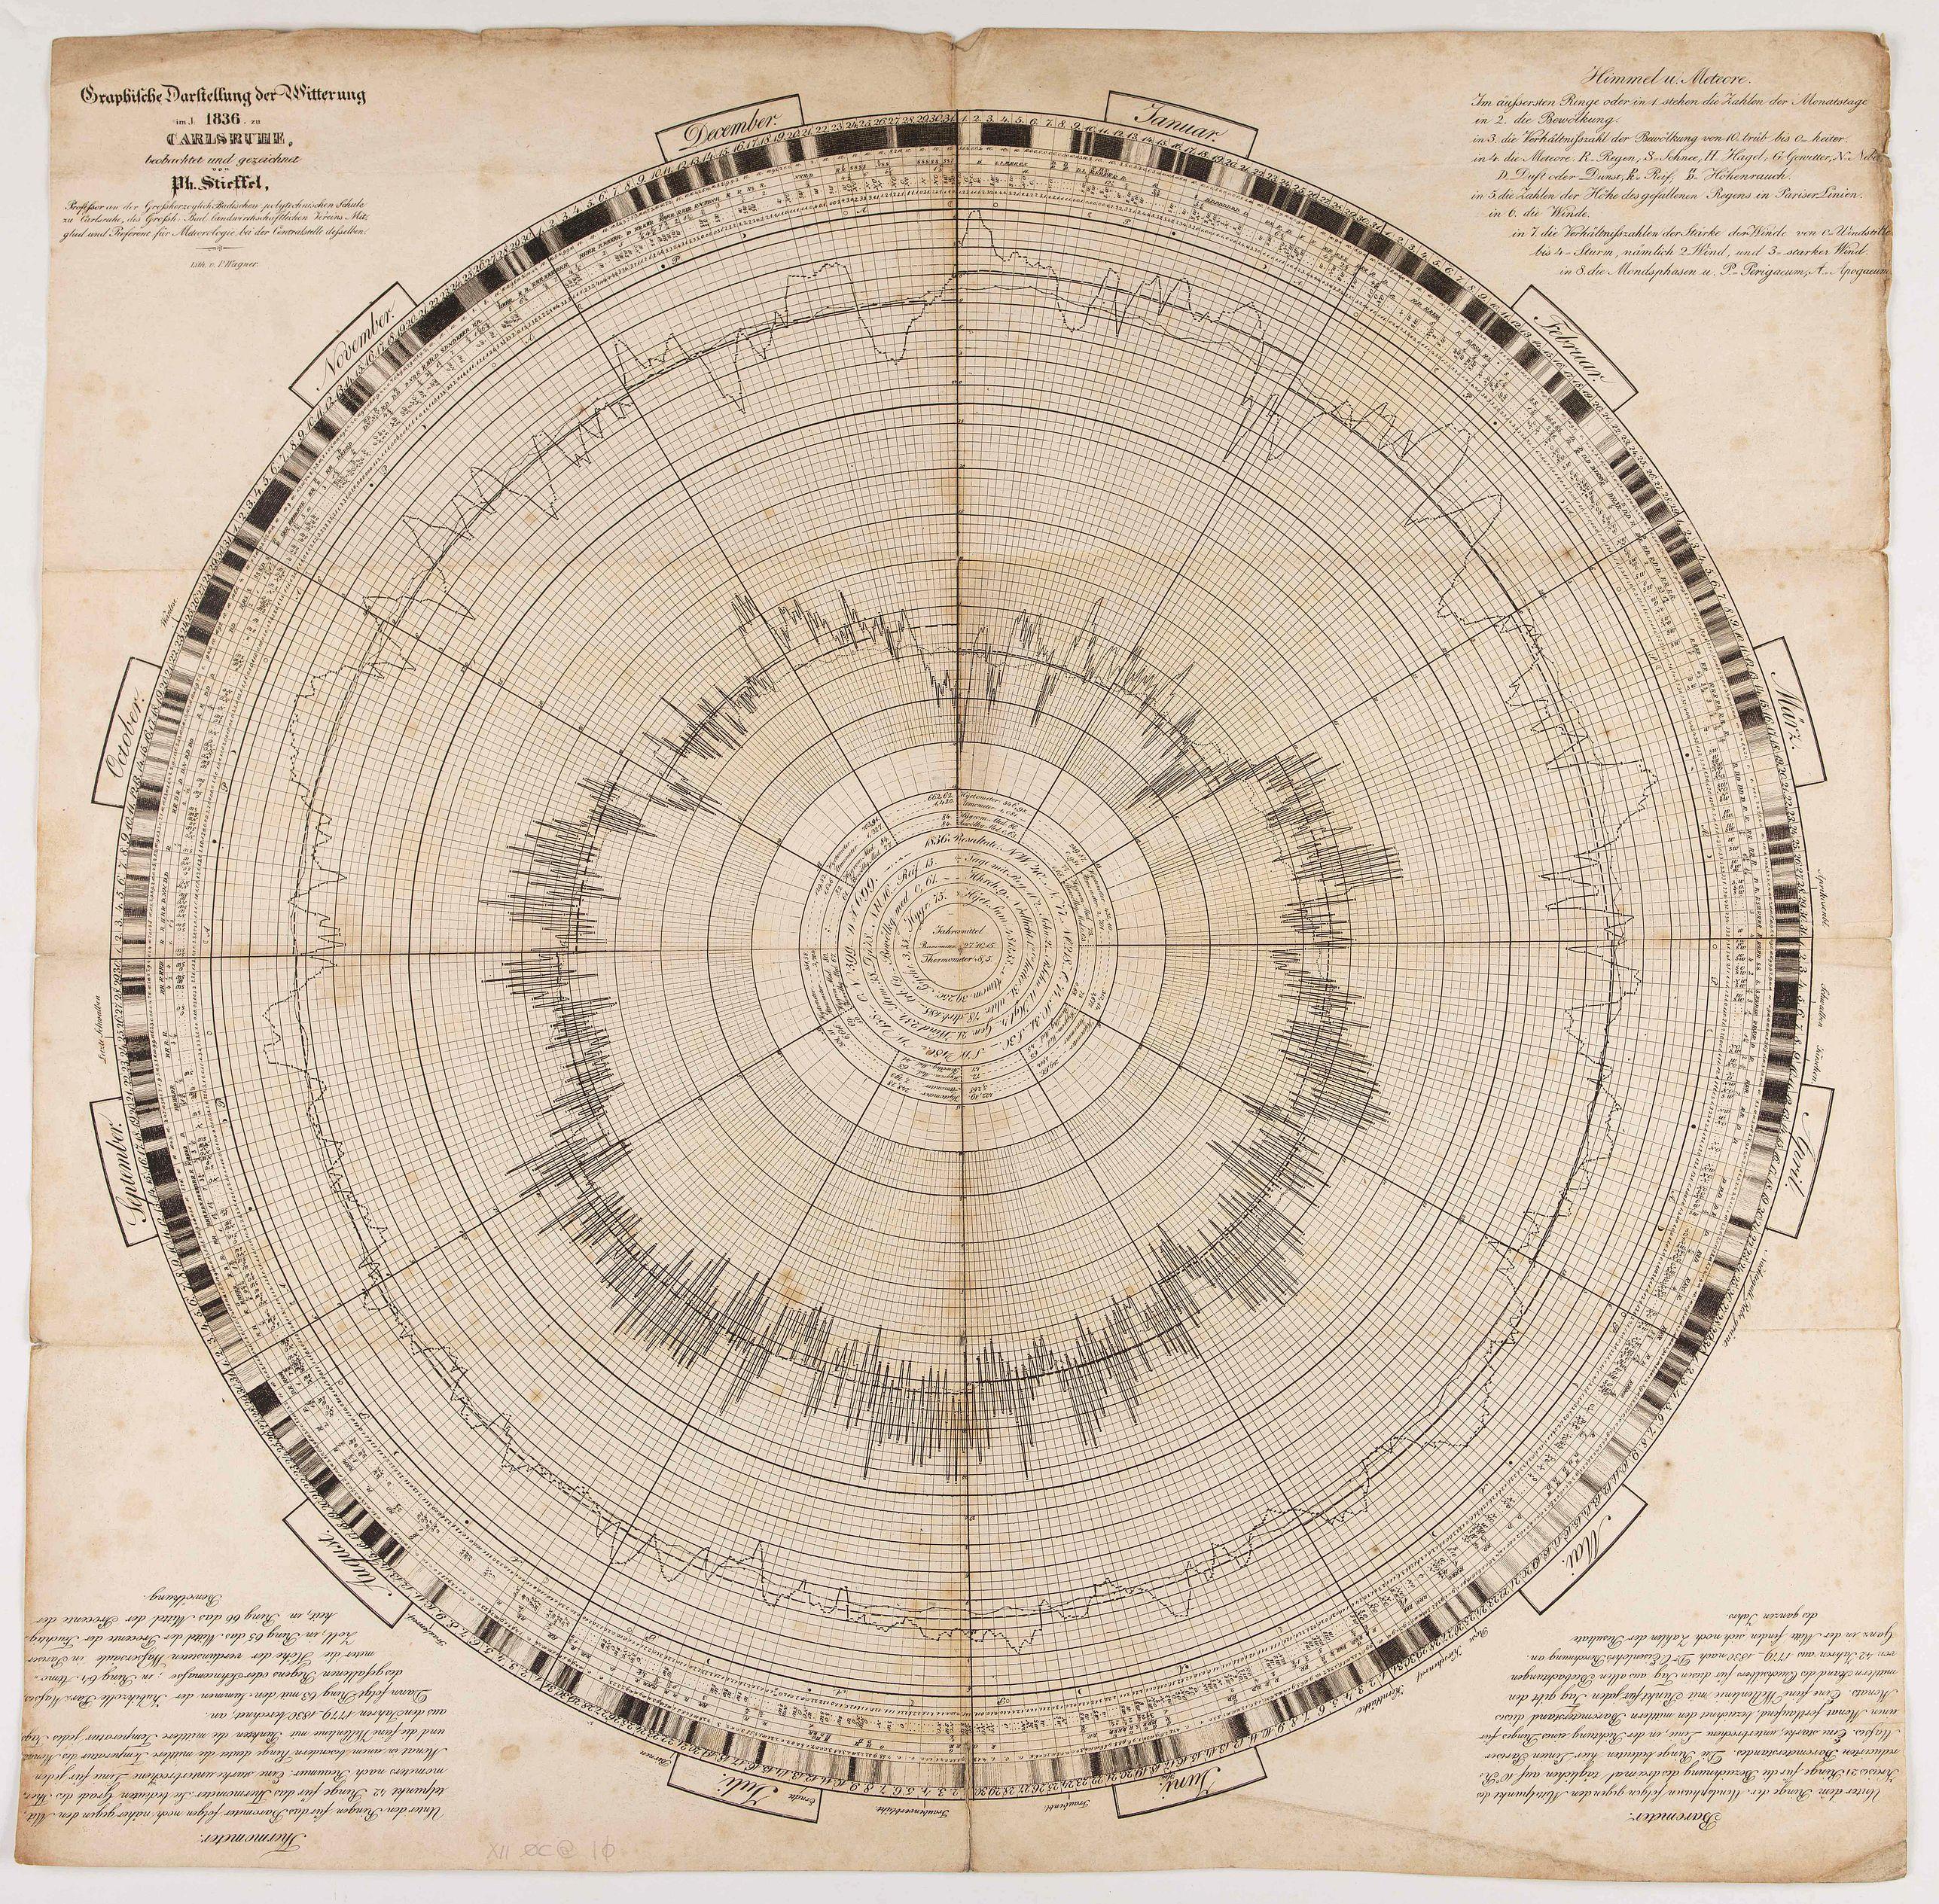 STIEFFEL, PH. - Graphische darstellung der witterung im J.1836 zu Carlsruhe